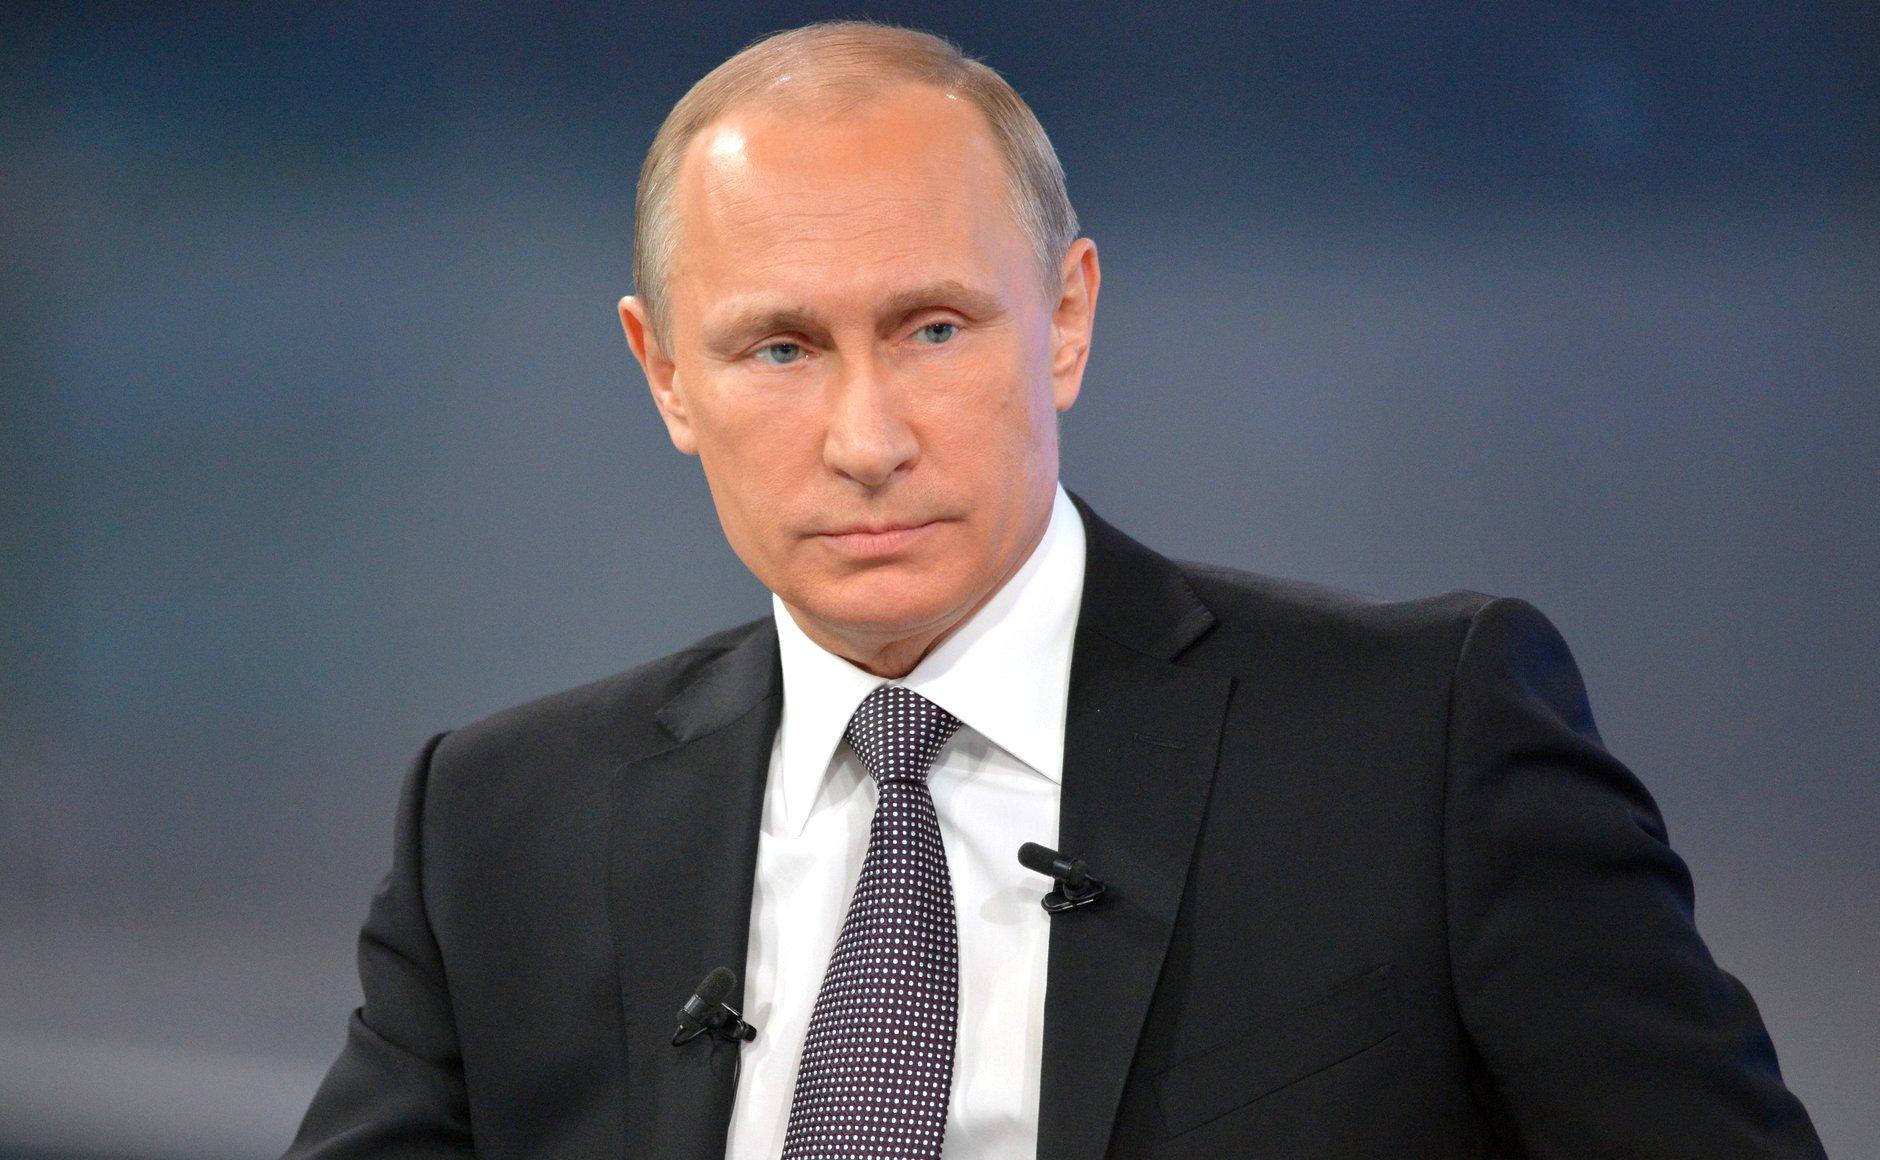 Откровения Путина продолжаются: российский президент заявил, что имел полное право сбить американский эсминц в акватории Черного моря